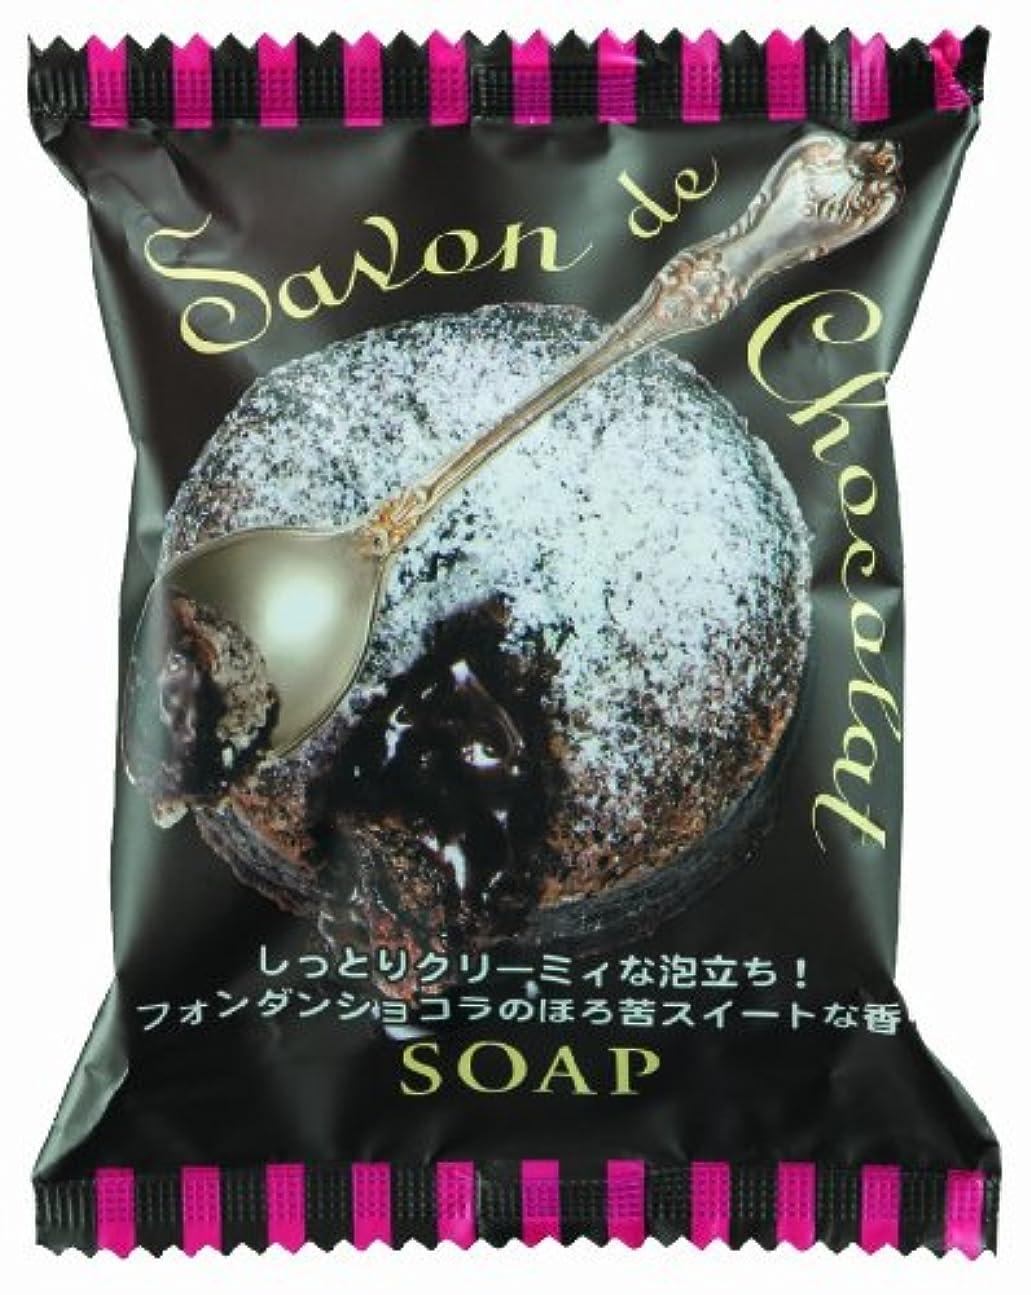 和干ばつ連結するペリカン石鹸 サボンドショコラソープ 80g